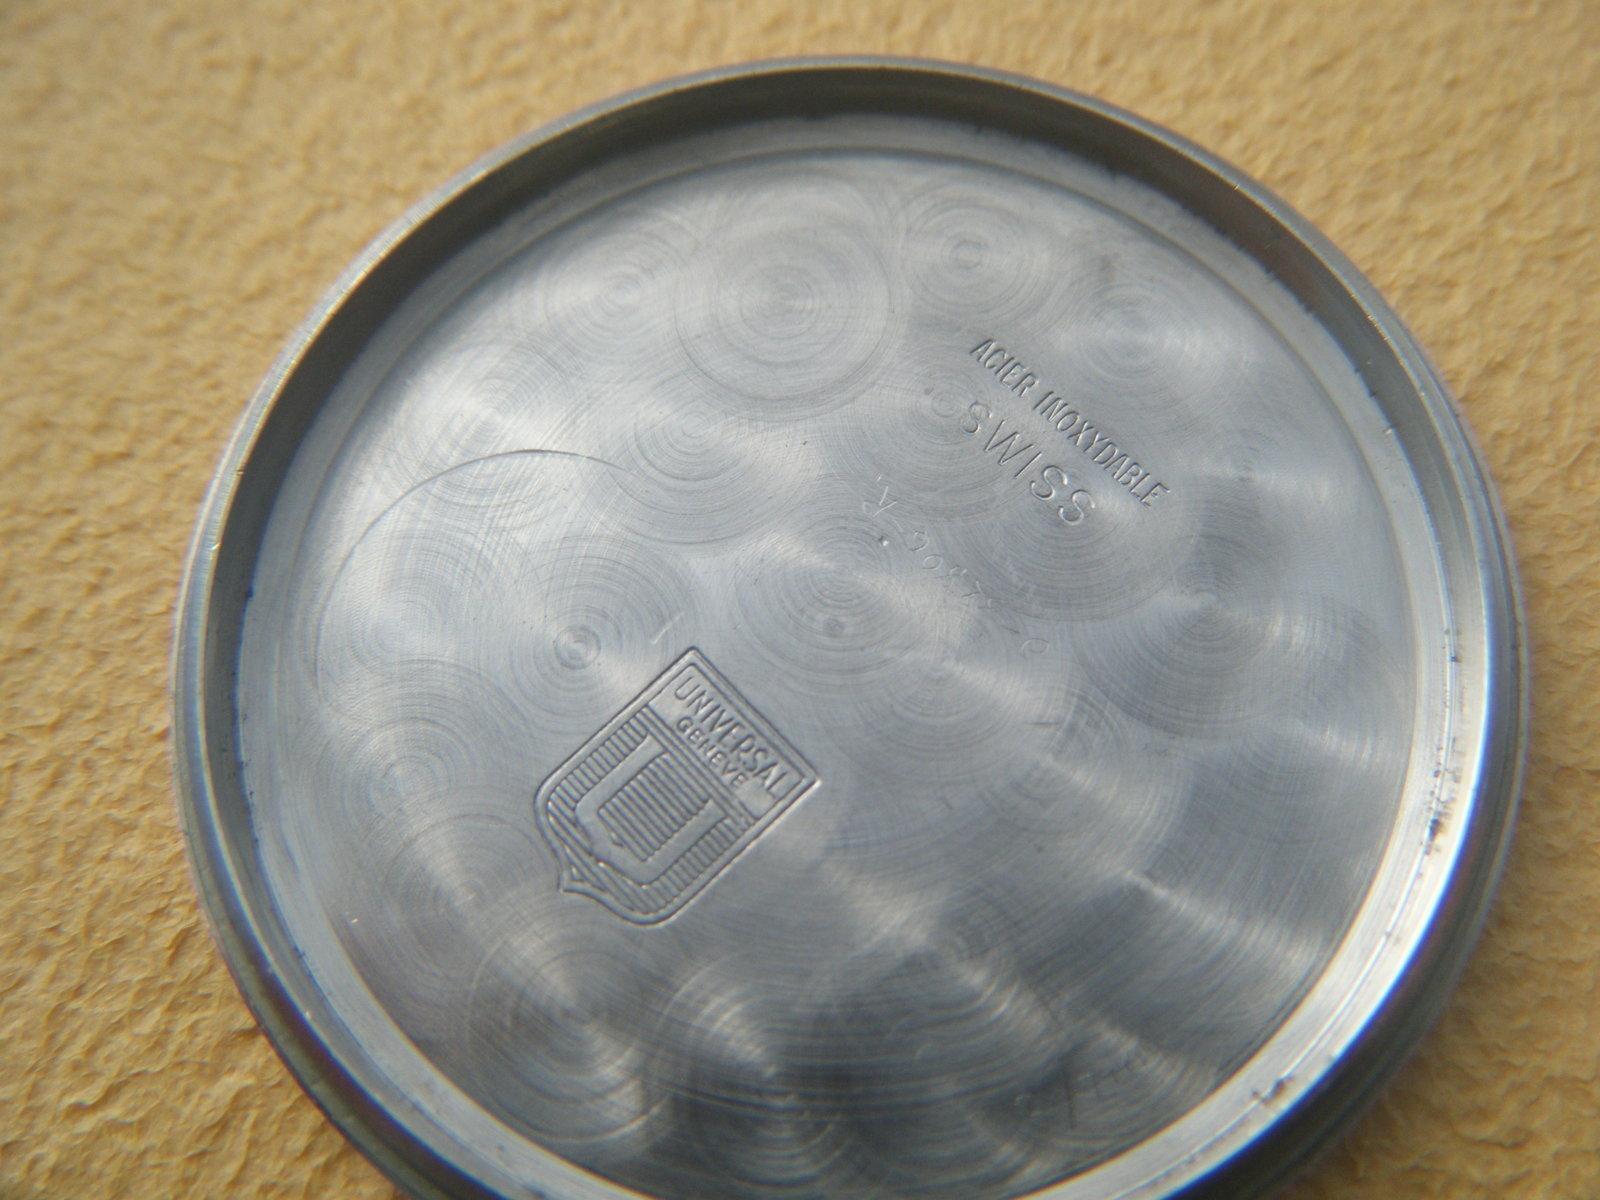 DSCF2754.JPG